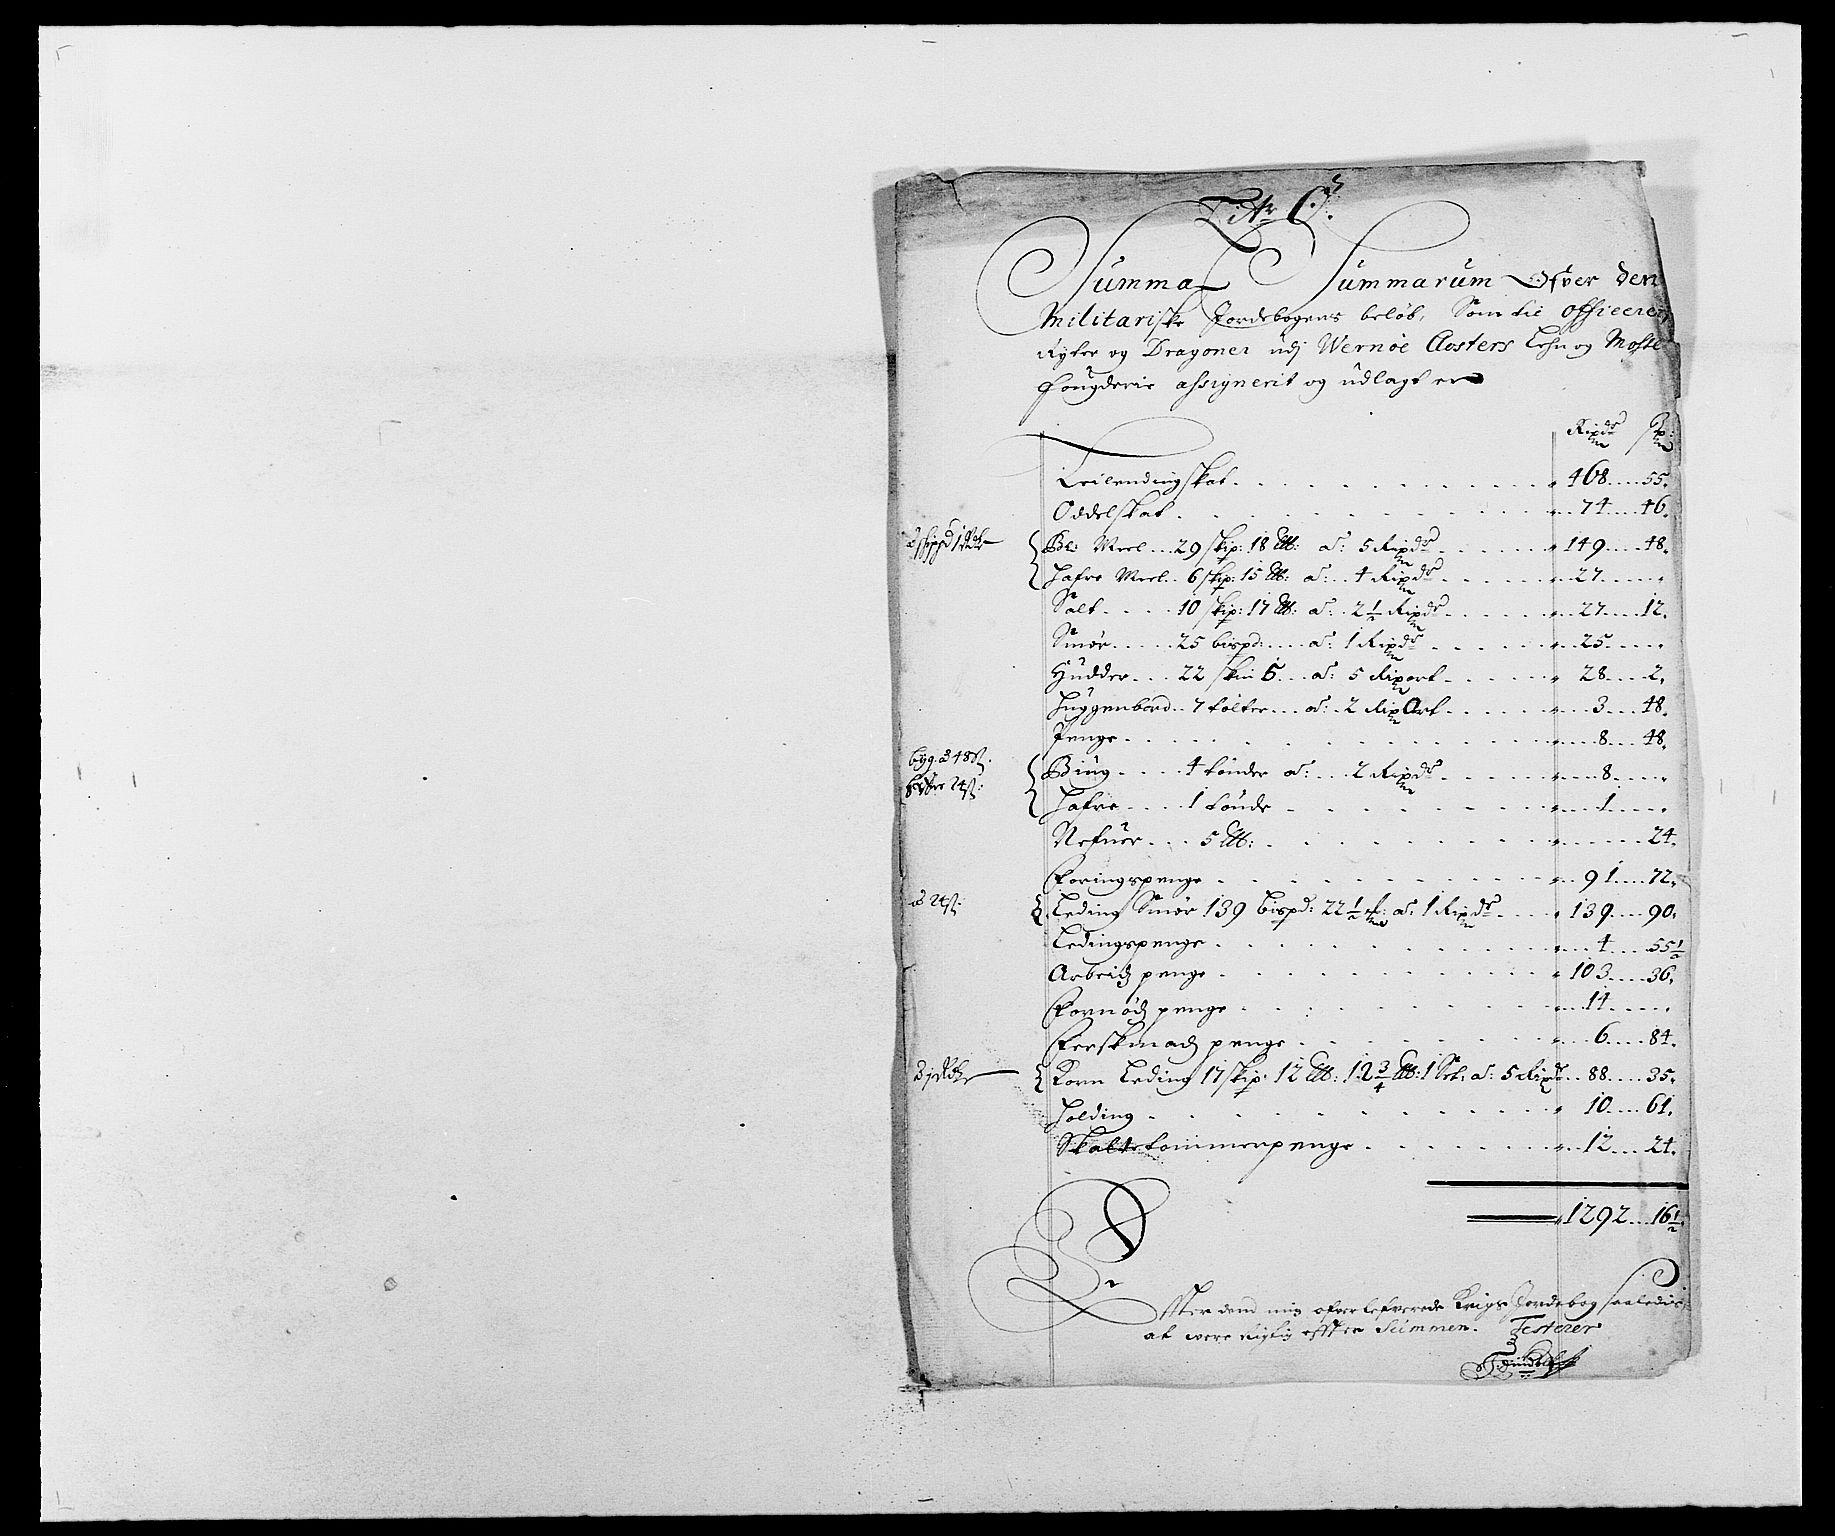 RA, Rentekammeret inntil 1814, Reviderte regnskaper, Fogderegnskap, R02/L0105: Fogderegnskap Moss og Verne kloster, 1685-1687, s. 398